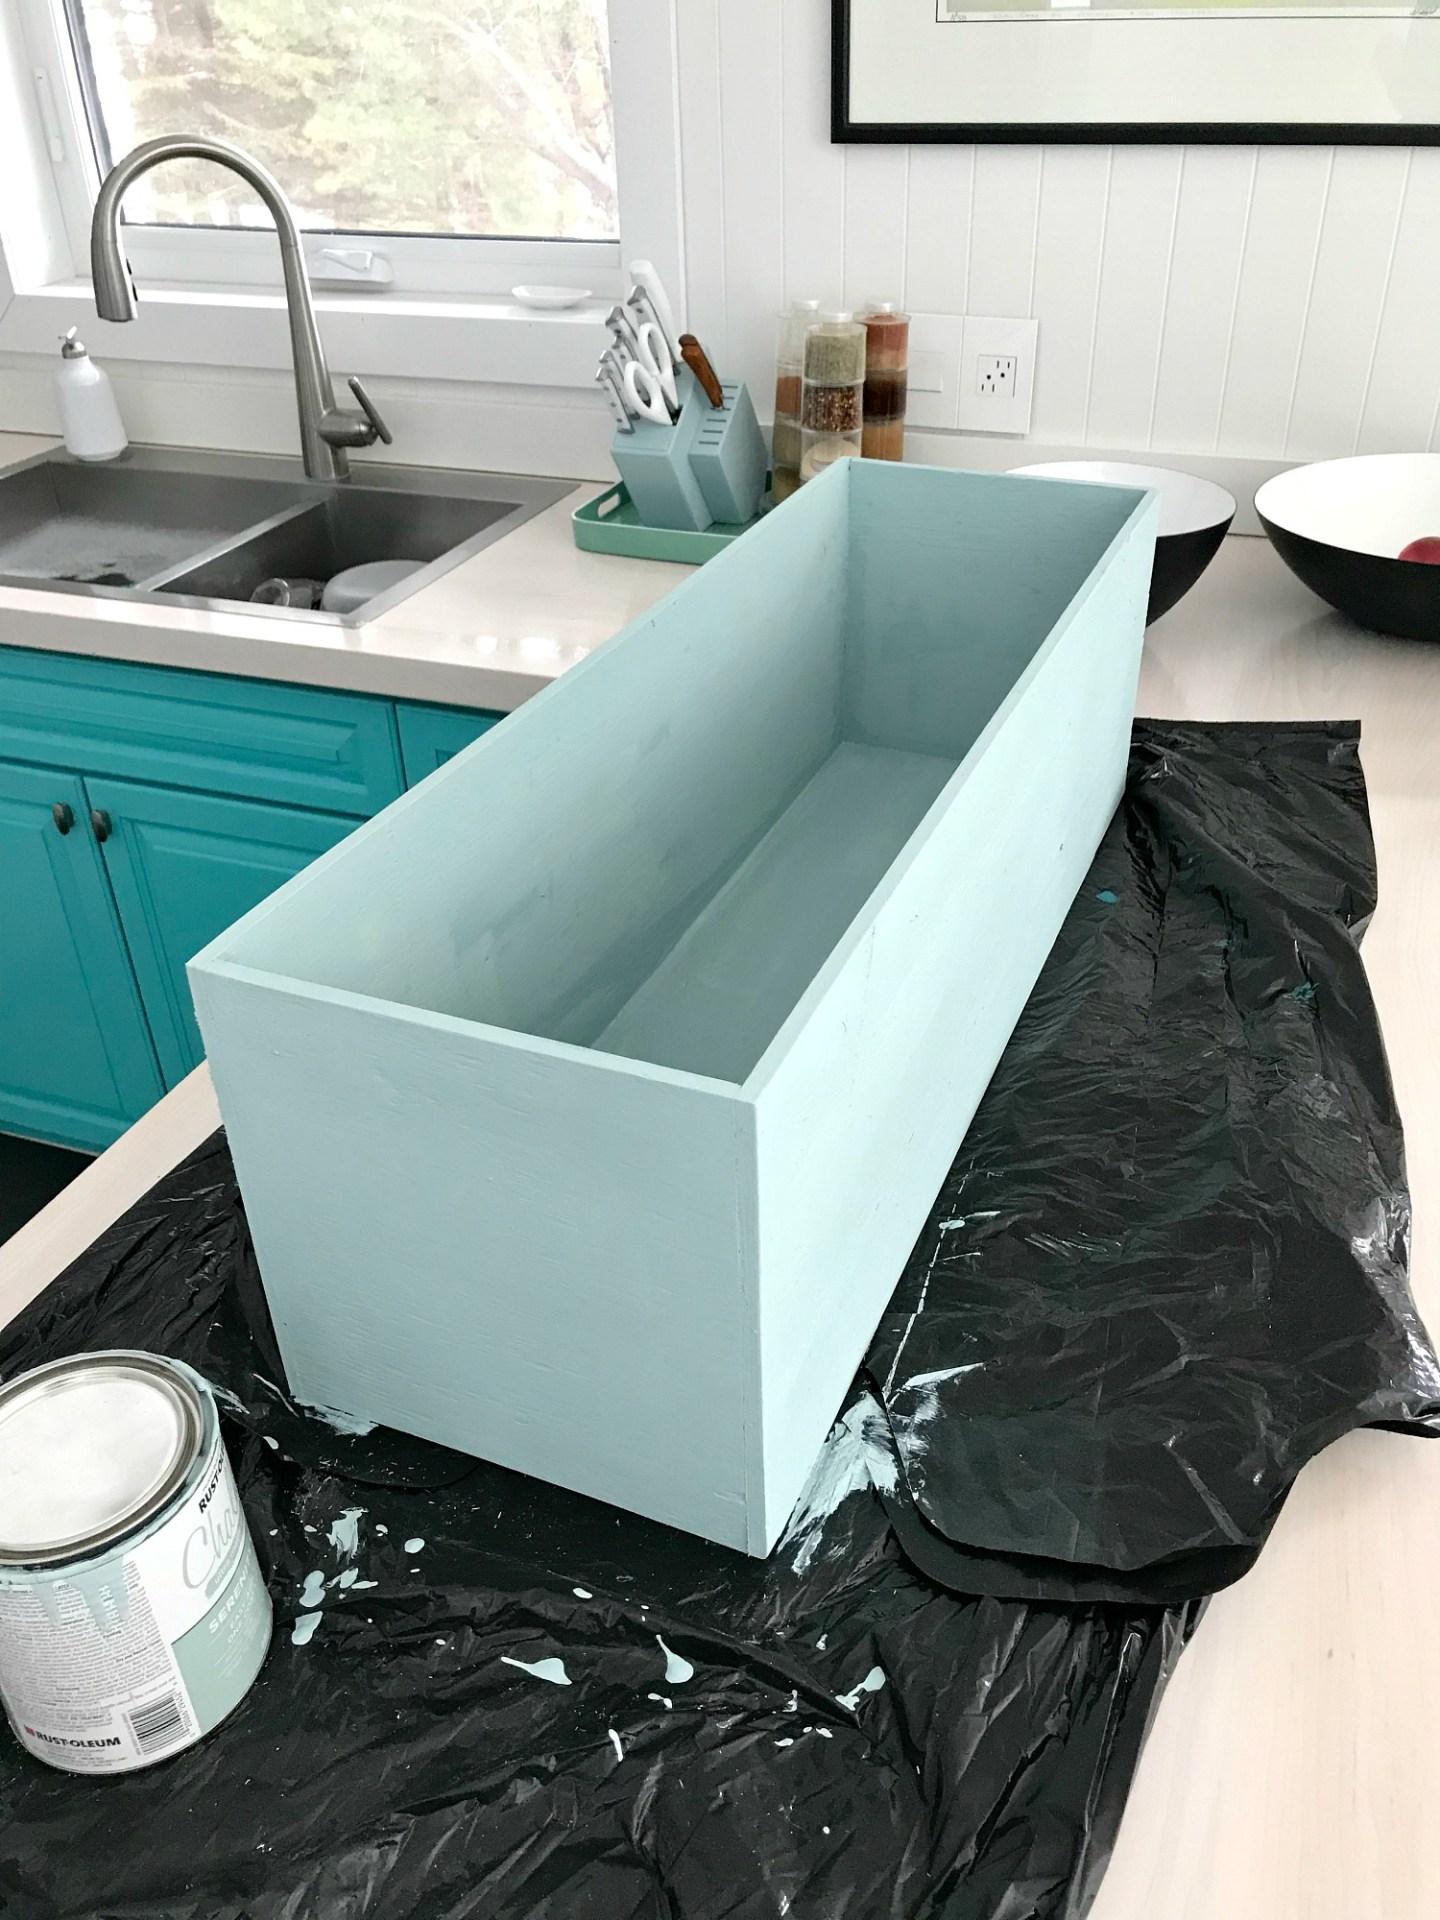 Rust-Oleum Serenity Blue Chalk Paint Color